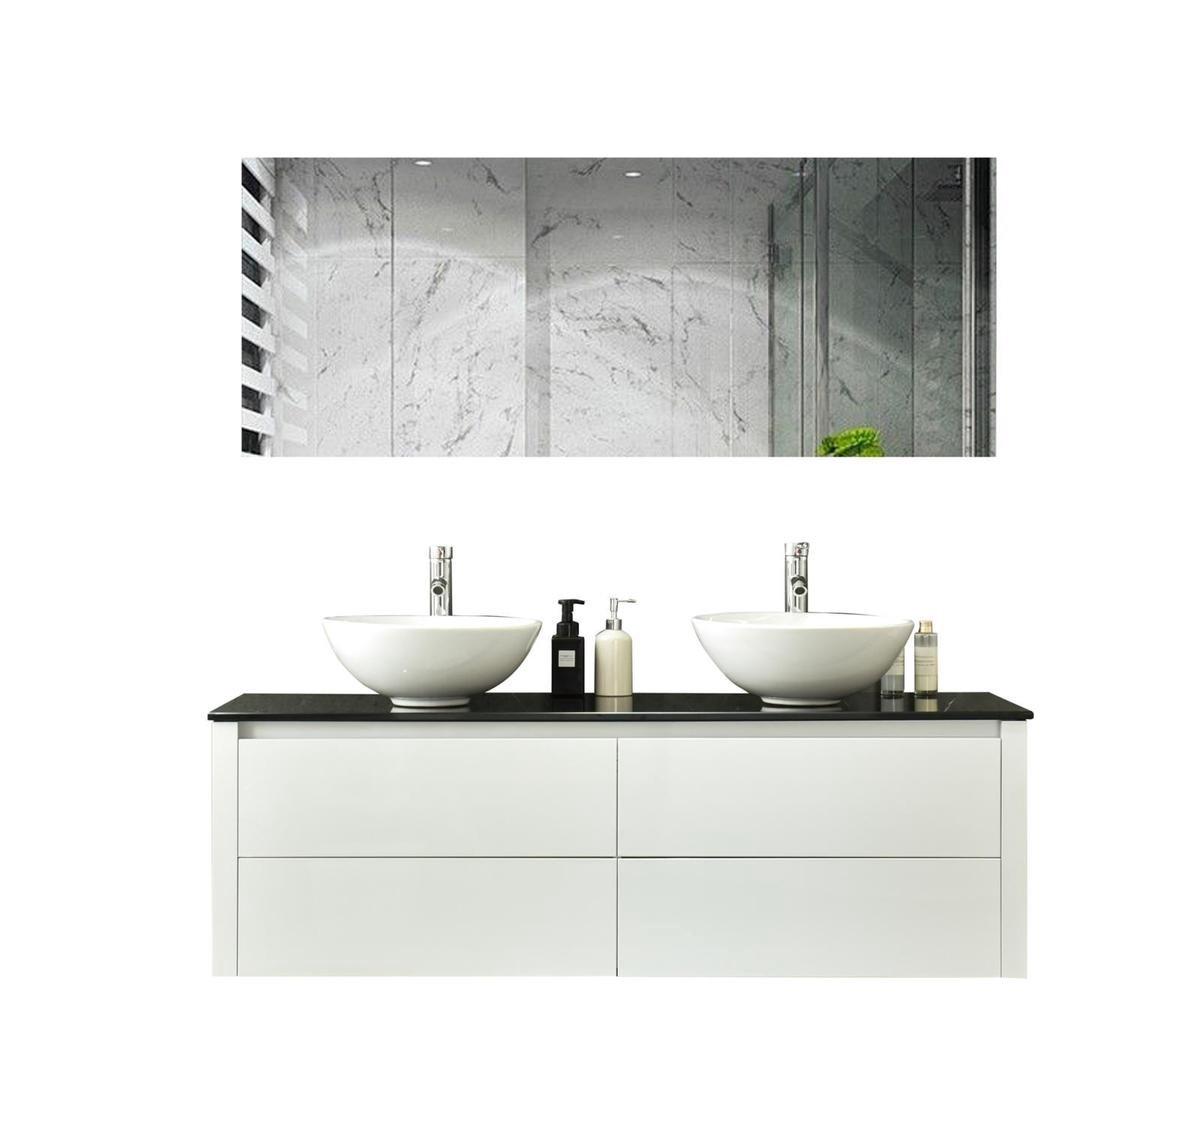 Excellent Wellness Badkamermeubel Type: 9012, 150 cm, kleur Hoogglans Wit, inclusief 2x keramiek waskom en LED-Spiegel